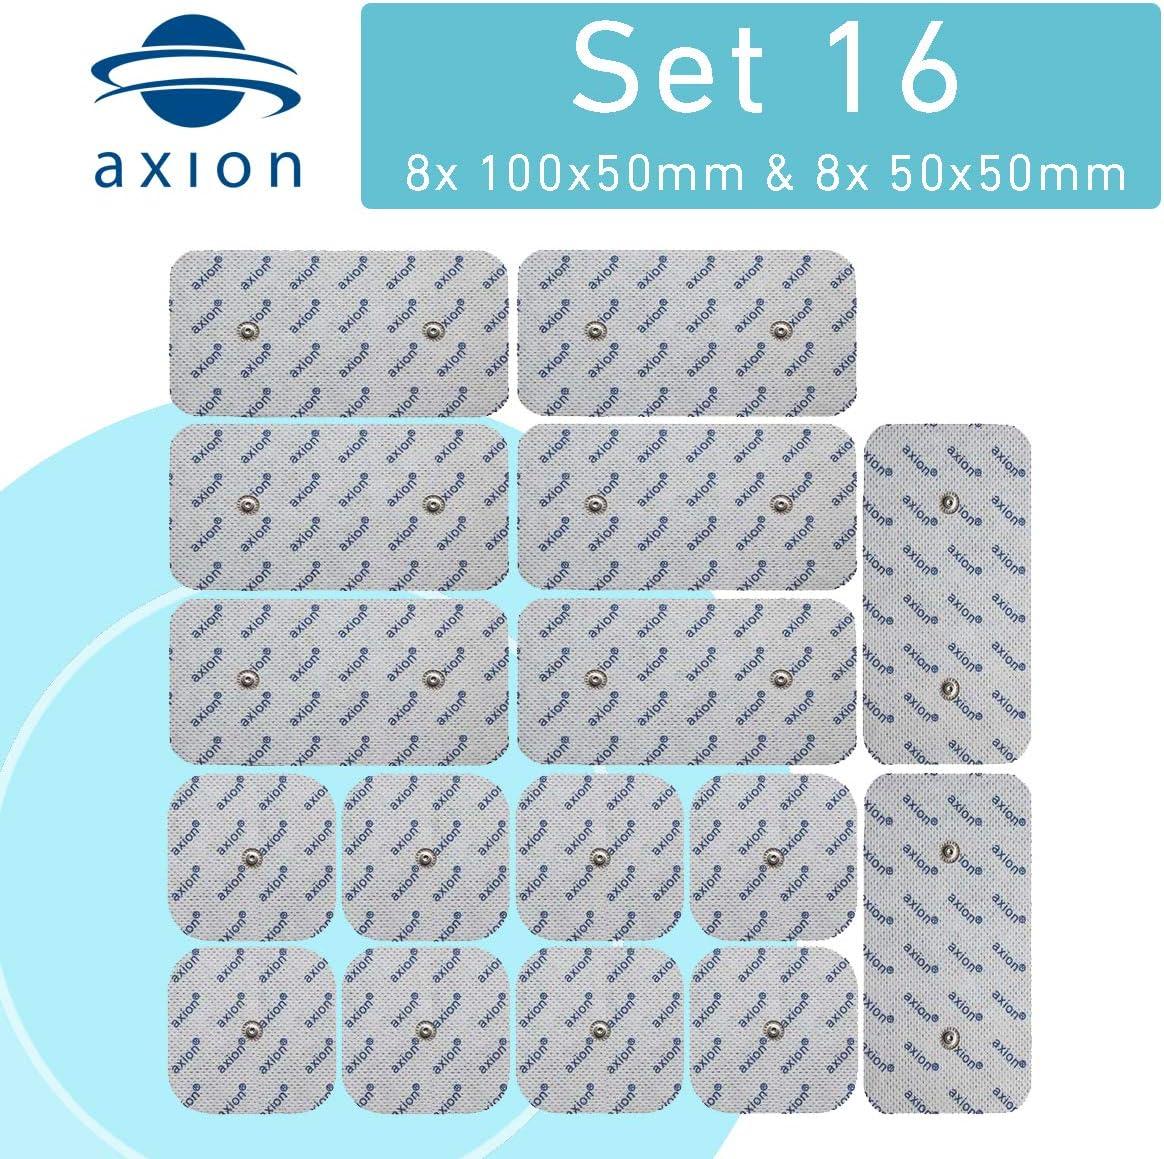 axion set de electrodos - 16 parches para tens ems - compatibles con COMPEX